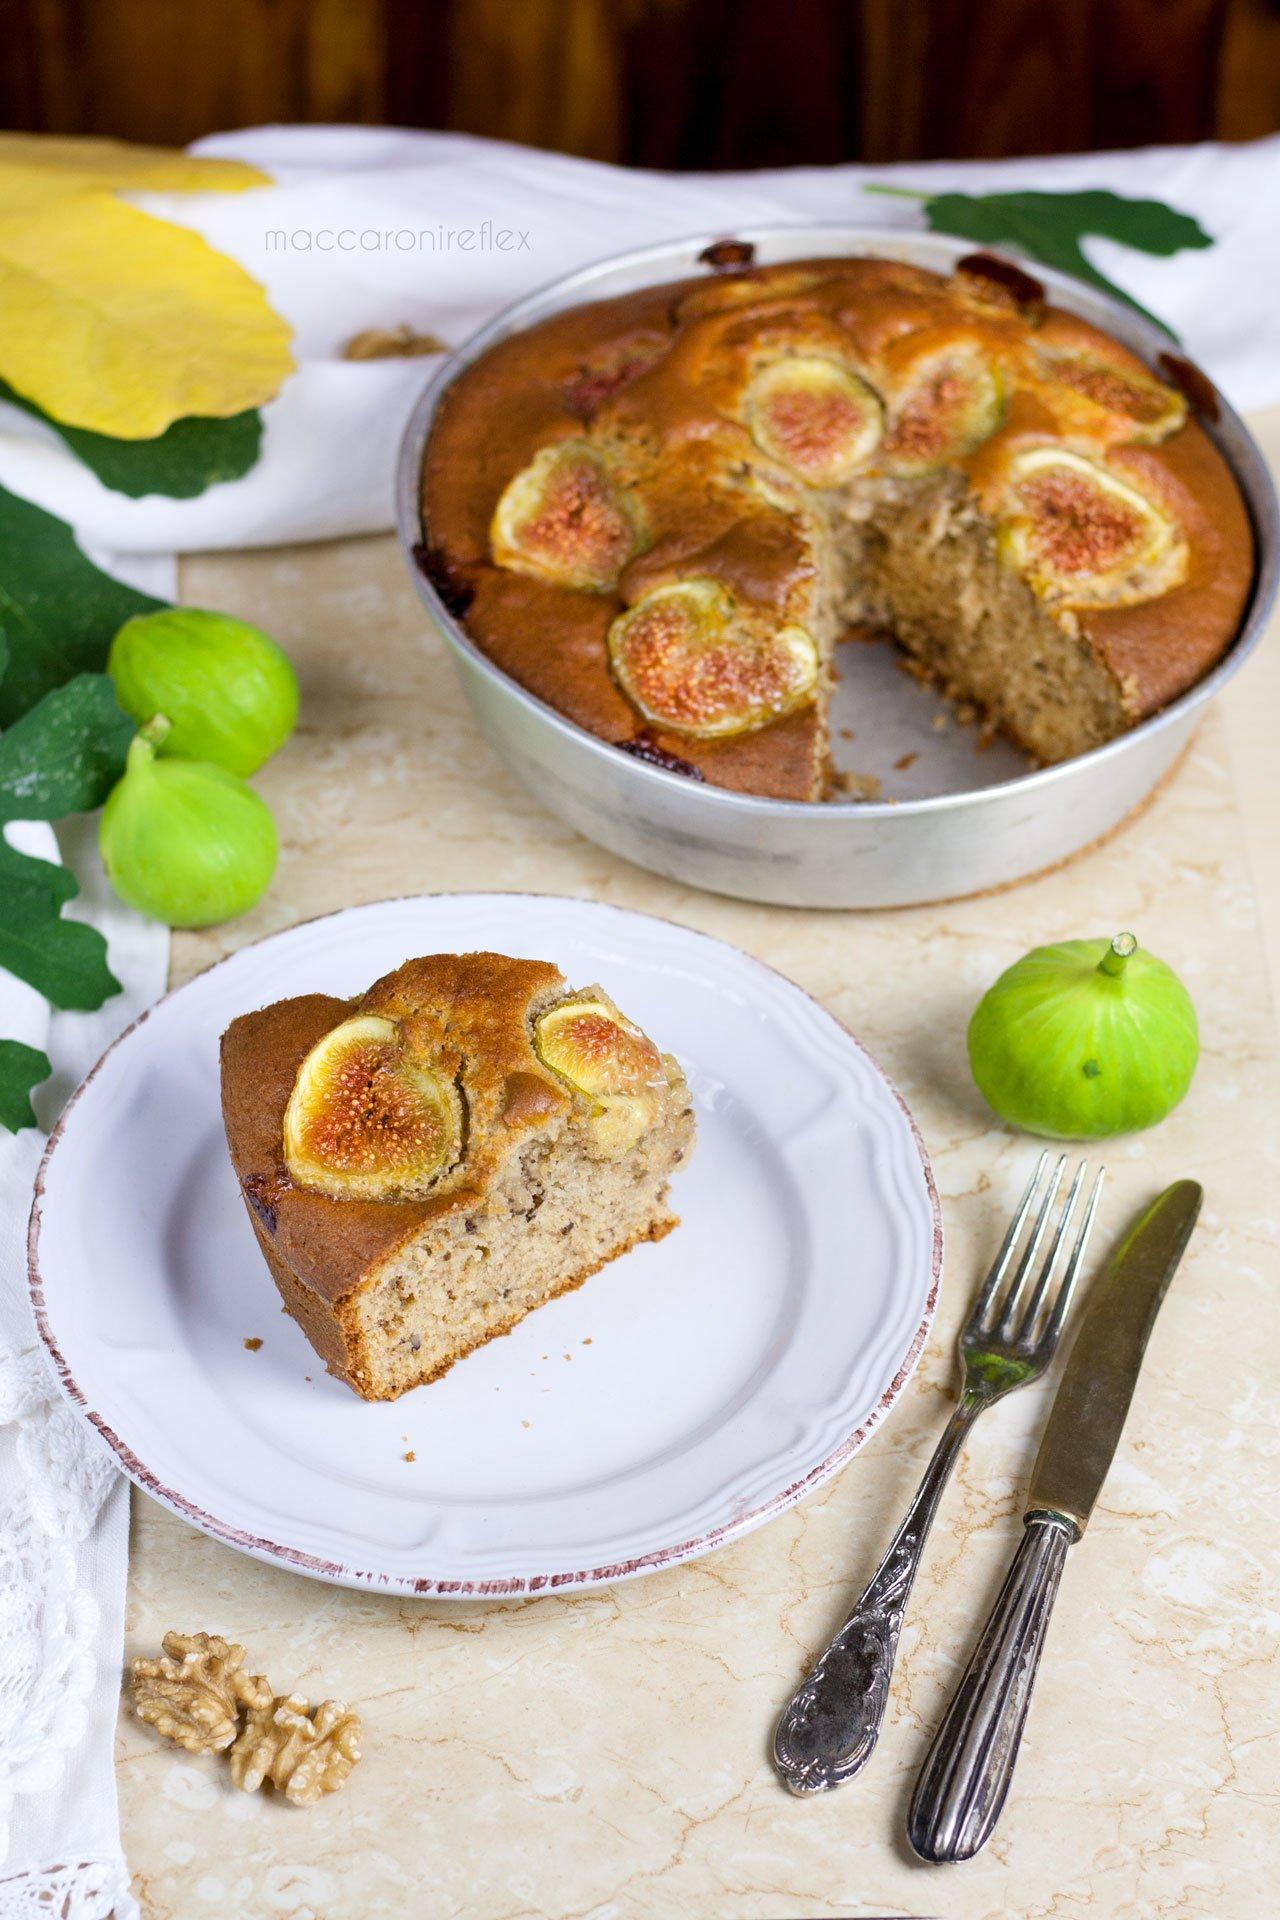 Torta integrale con fichi e noci